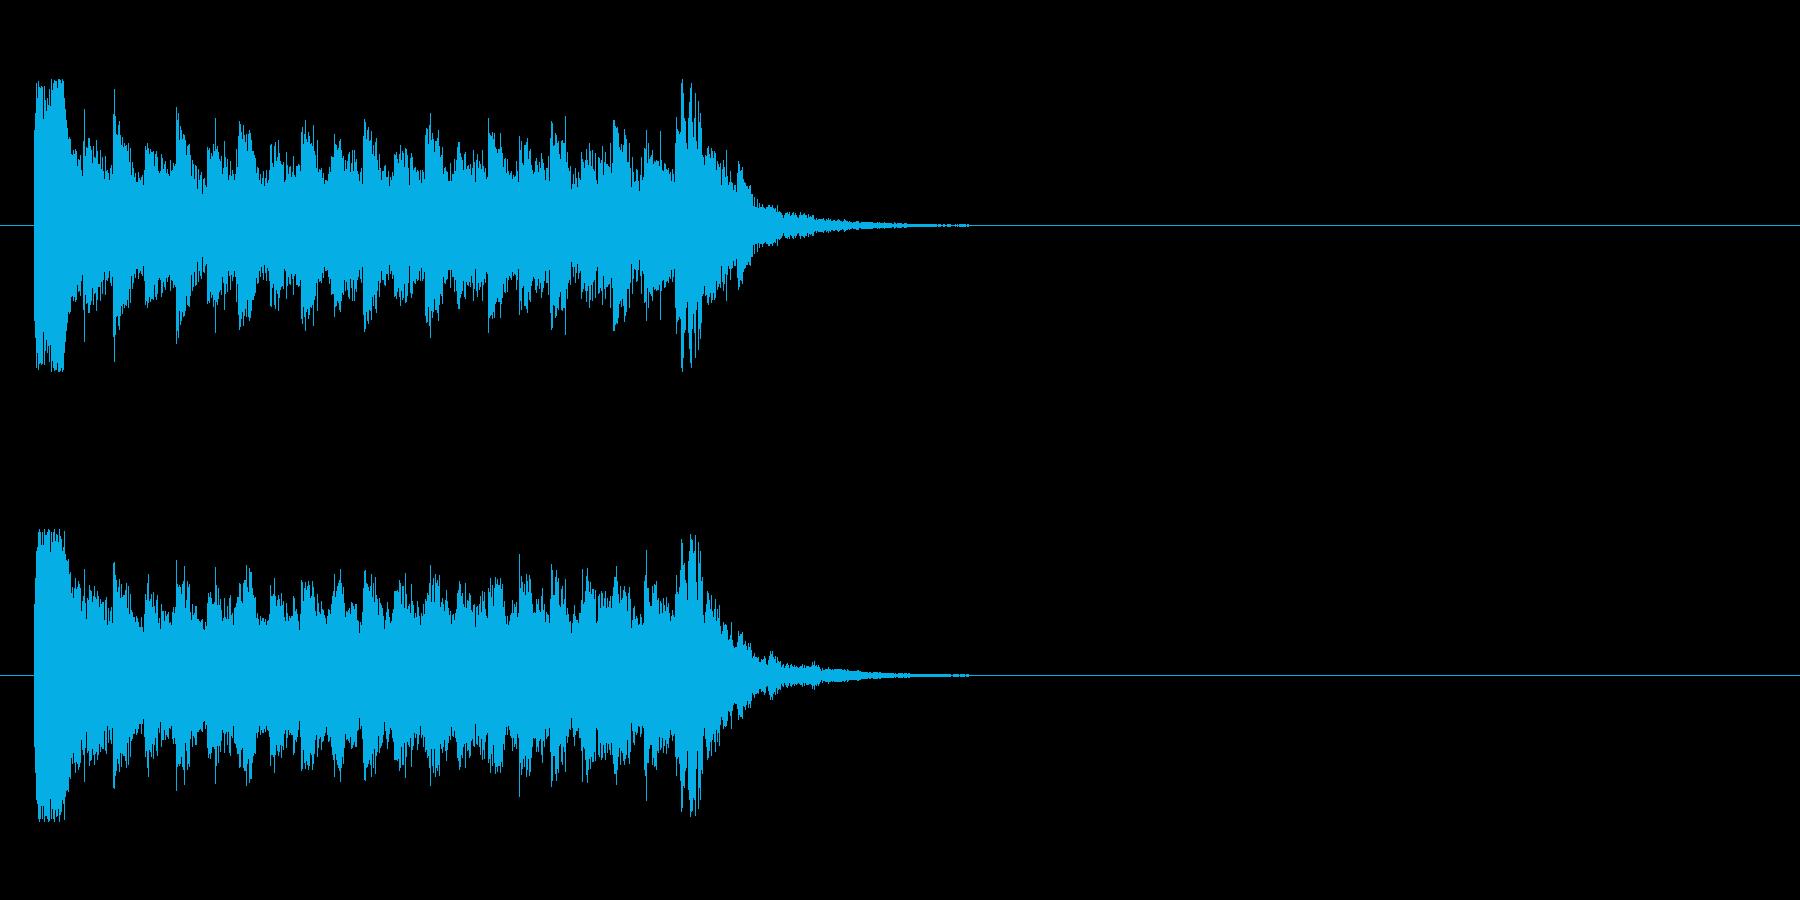 お化け屋敷風のホラージングルの再生済みの波形